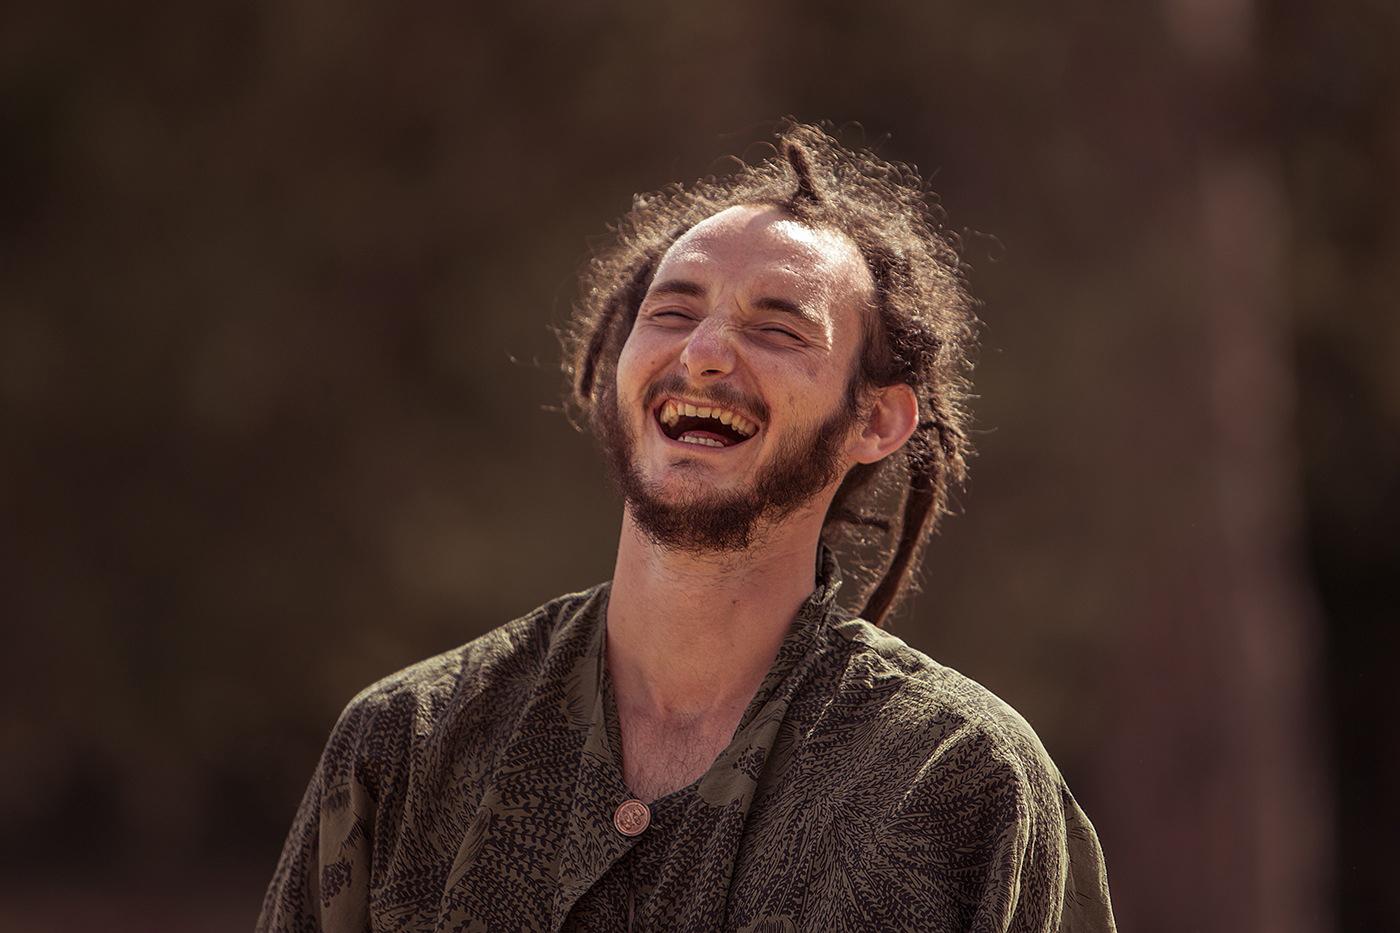 Homme qui rit aux éclats